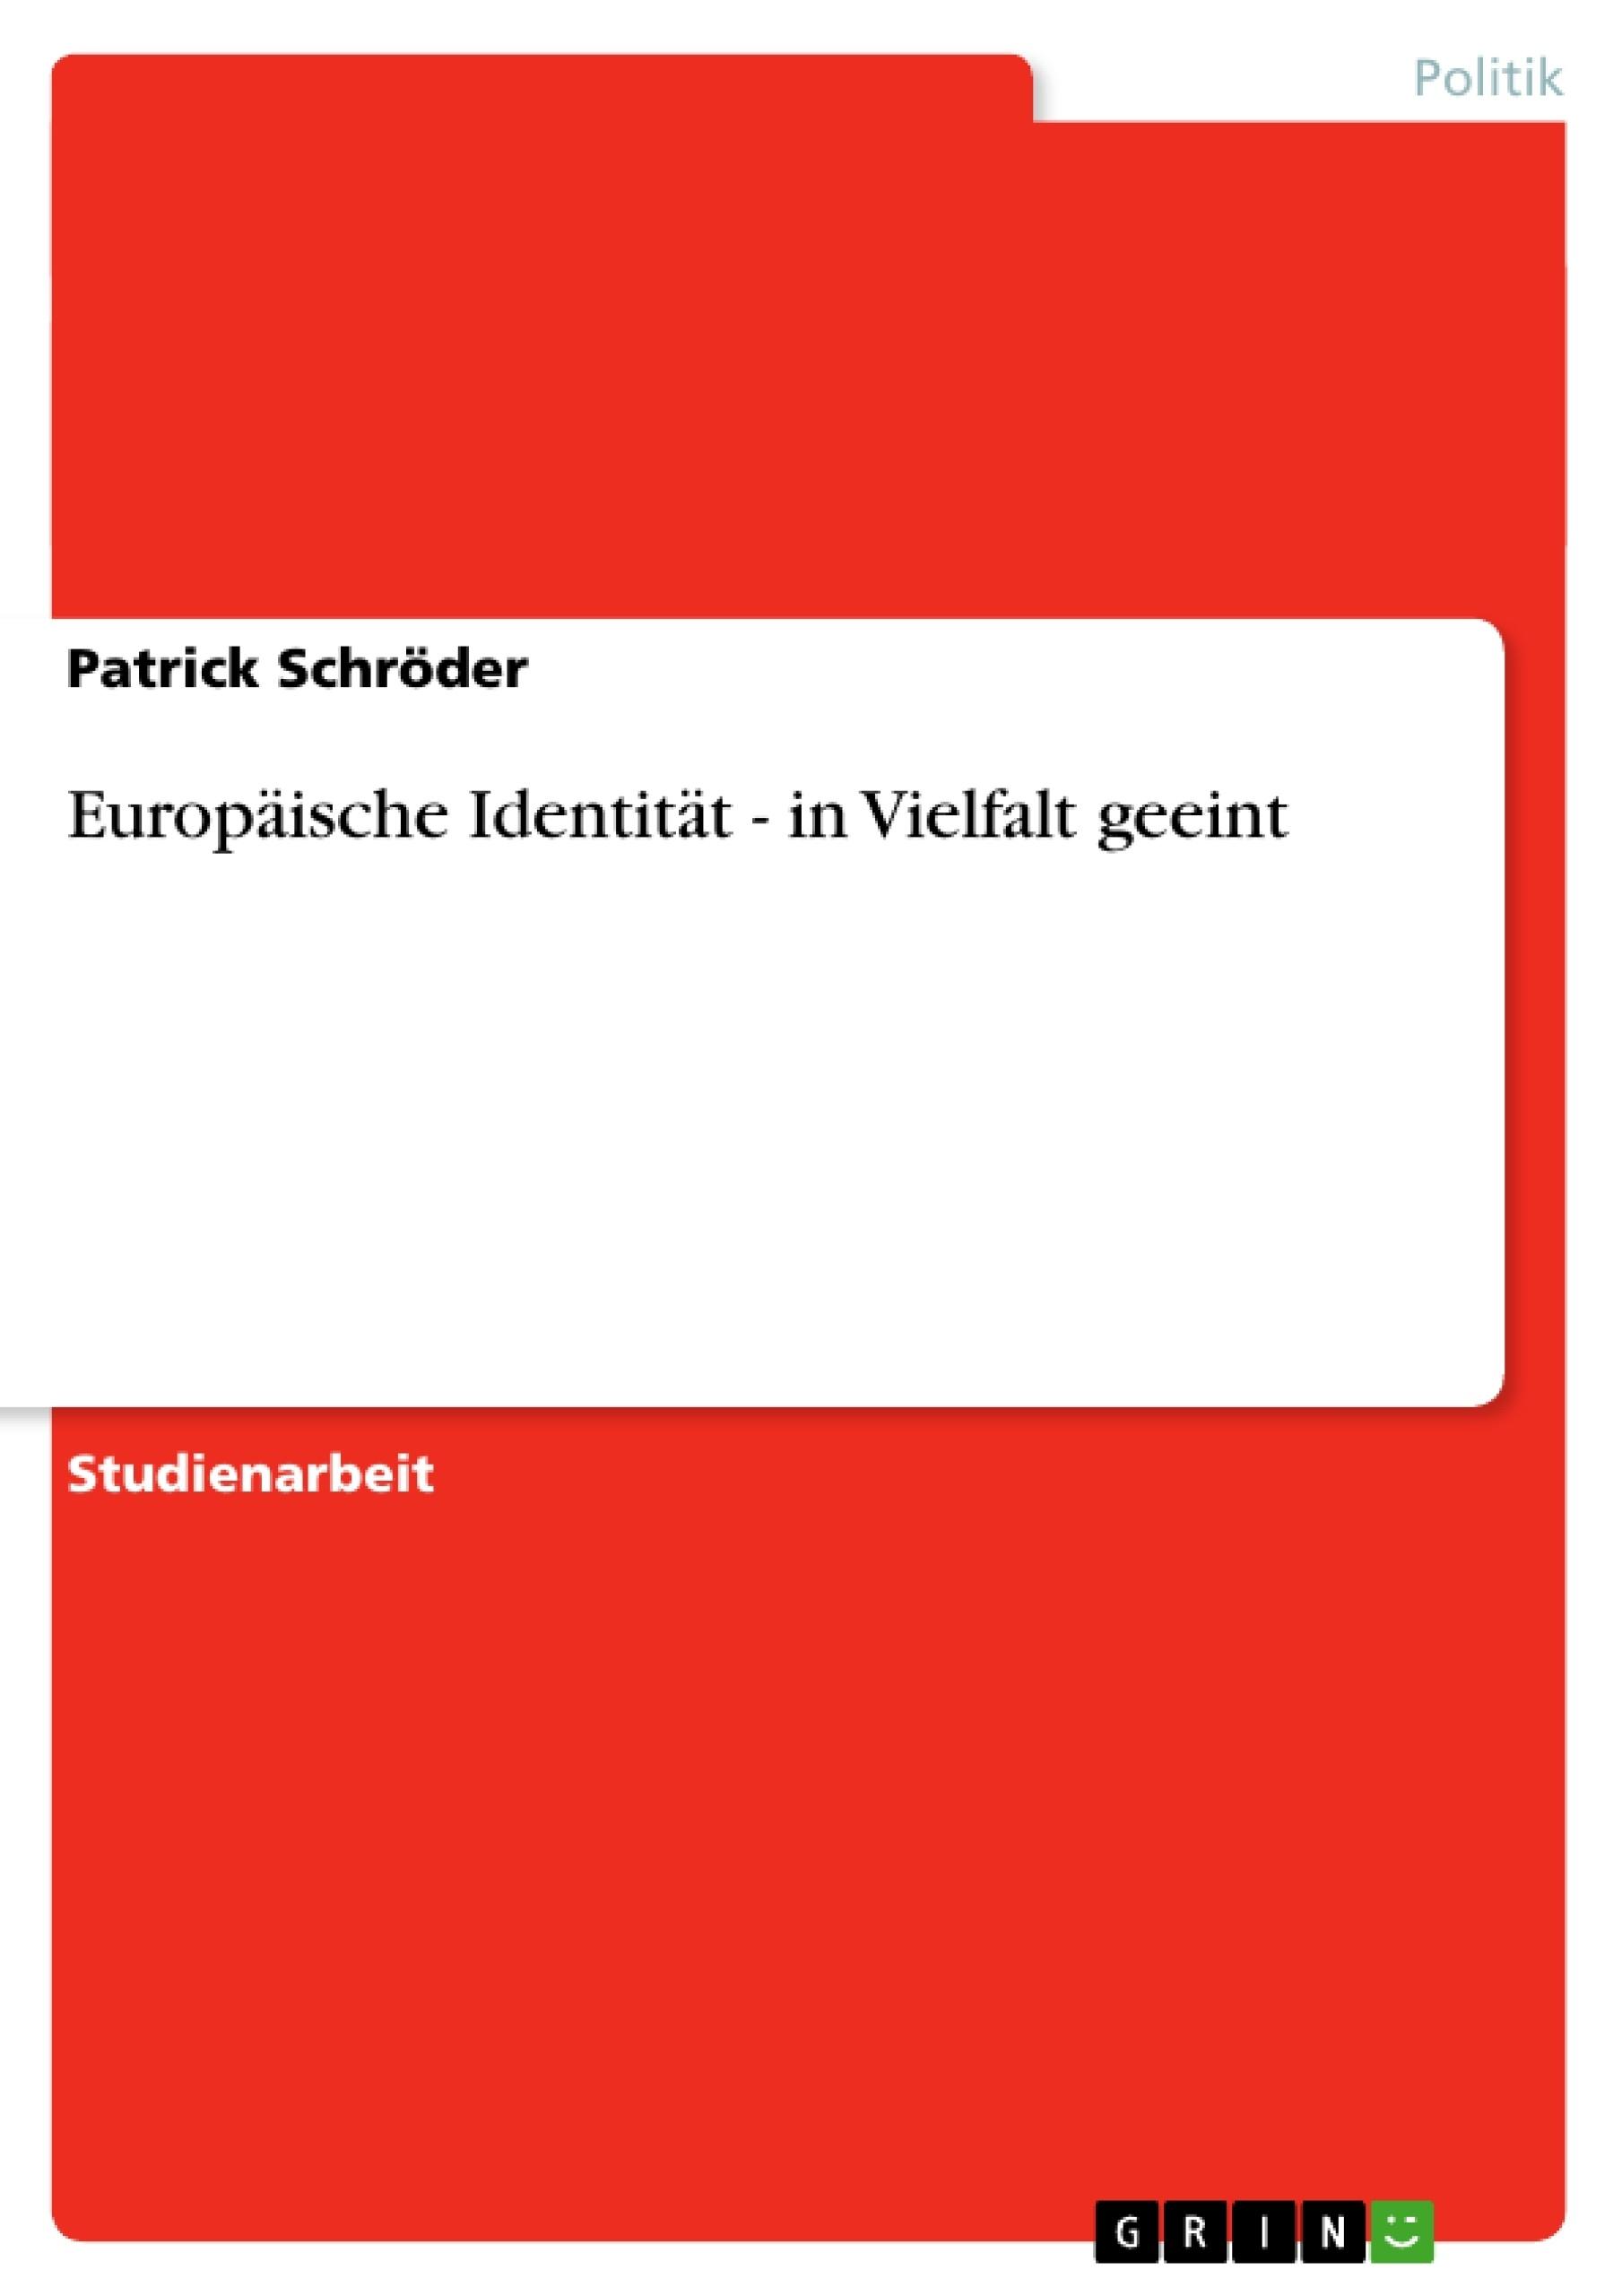 Titel: Europäische Identität - in Vielfalt geeint